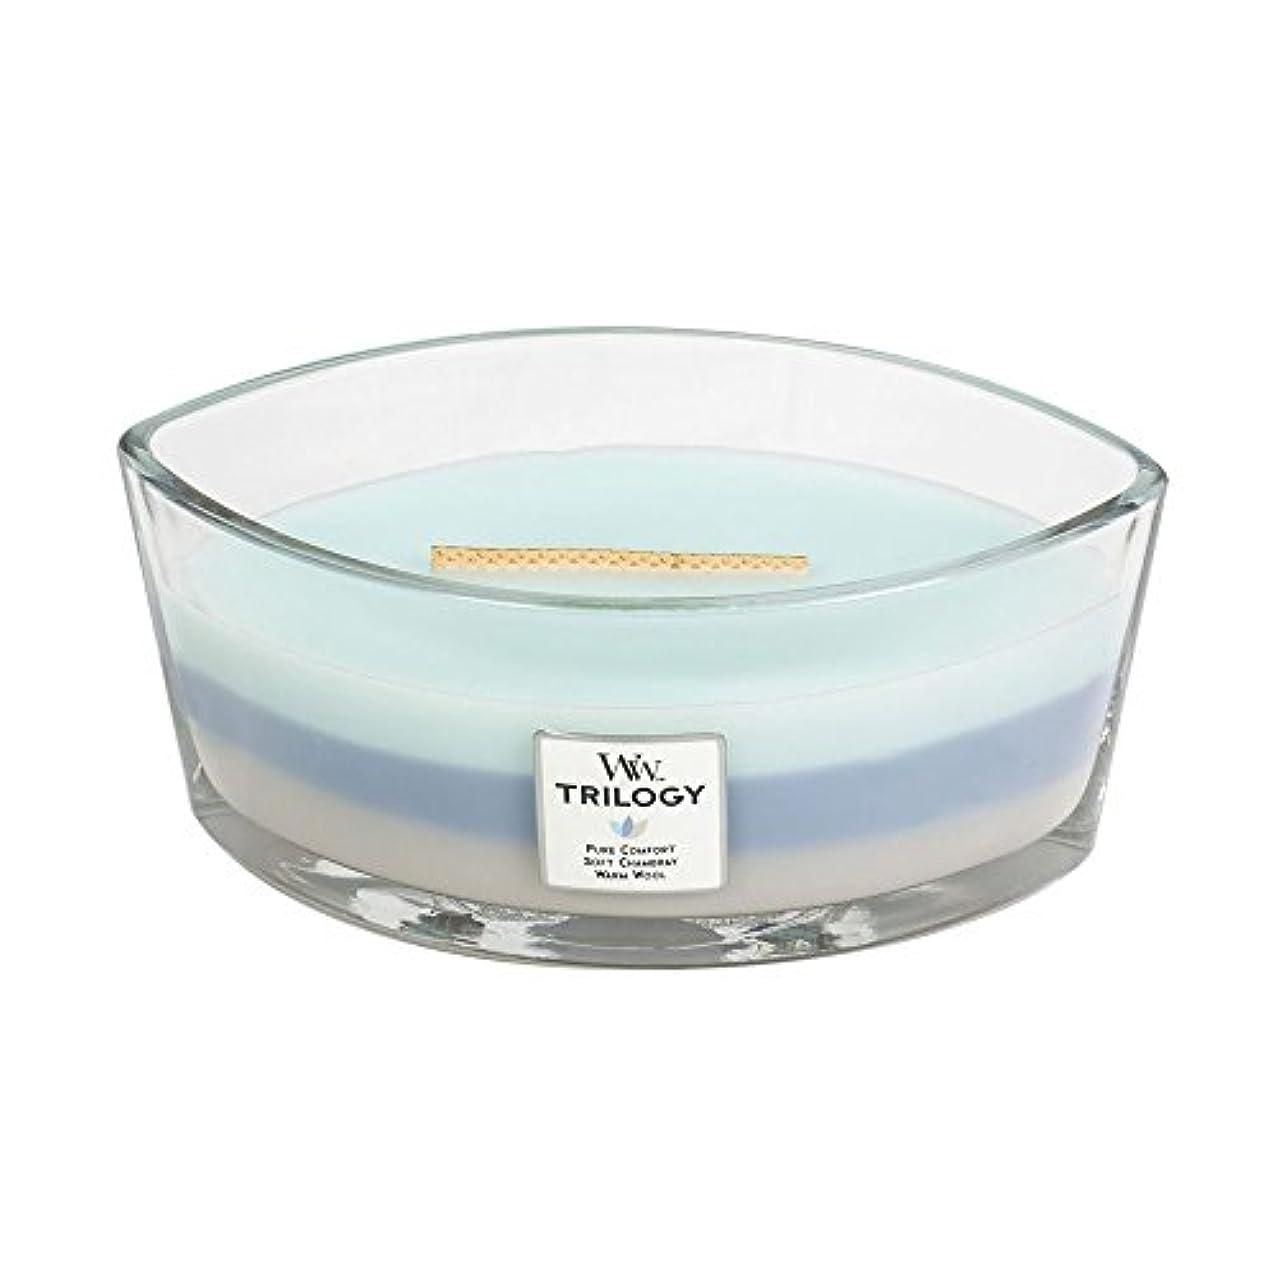 筋エコー油WoodWick Trilogy WOVEN COMFORTS, 3-in-1 Highly Scented Candle, Ellipse Glass Jar with Original HearthWick Flame...